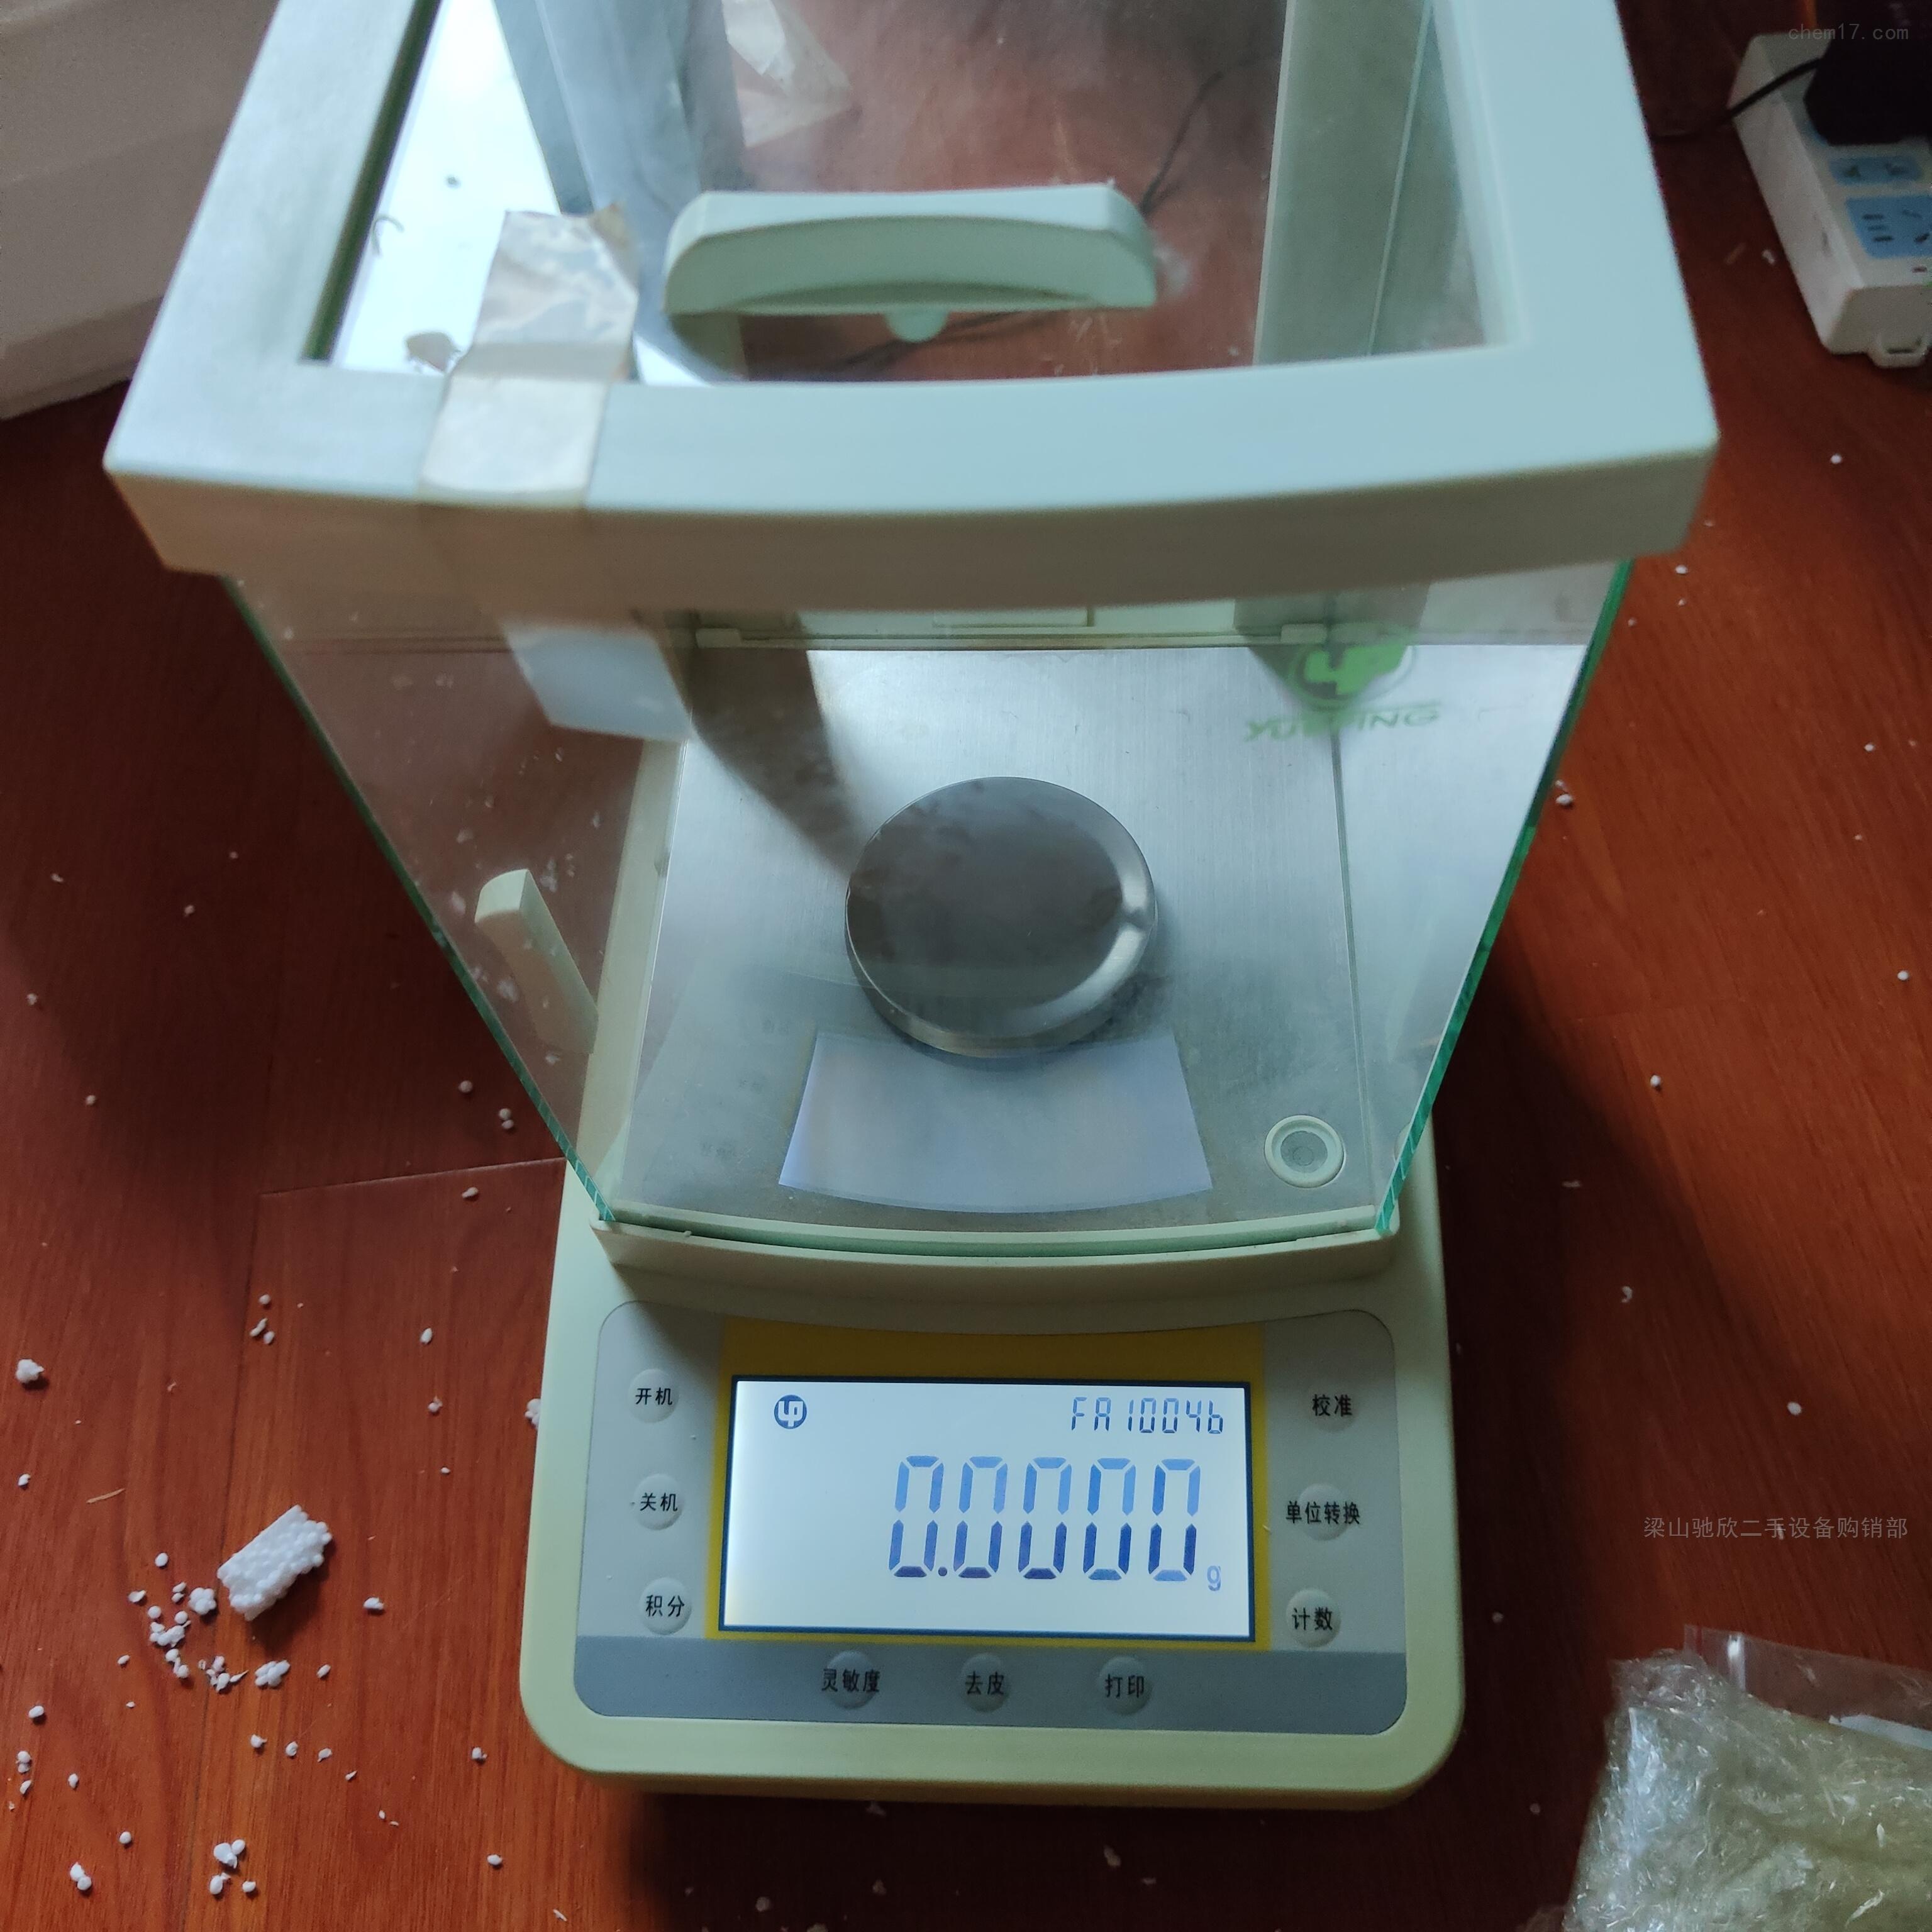 越平FA1004 二手电子天平出售